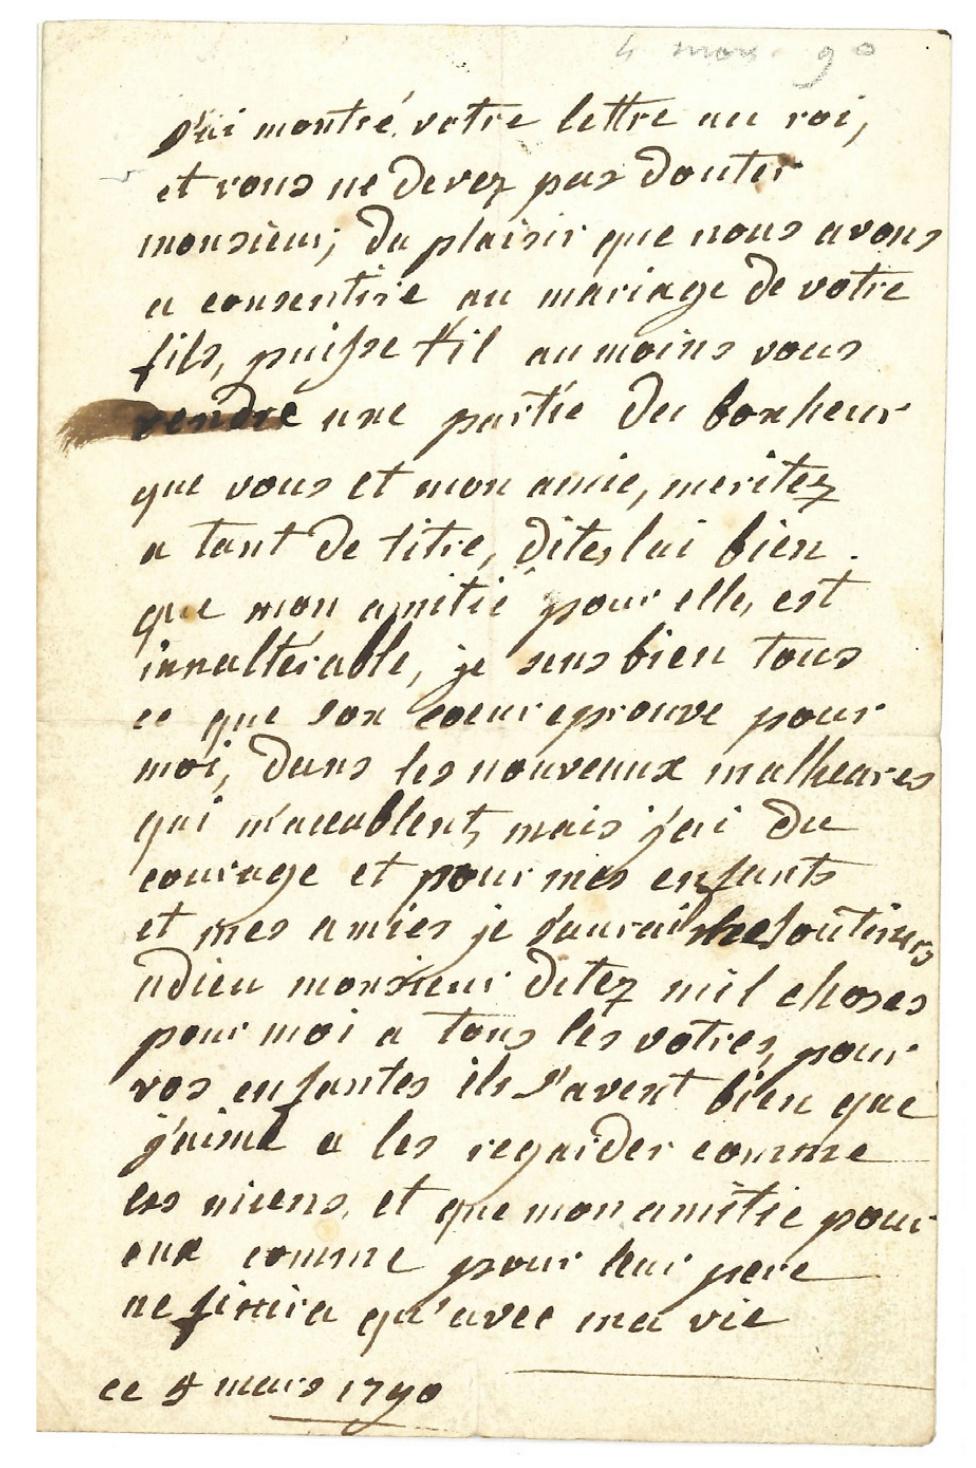 La Collection Aristophil - Lettres et documents importants Zducre11